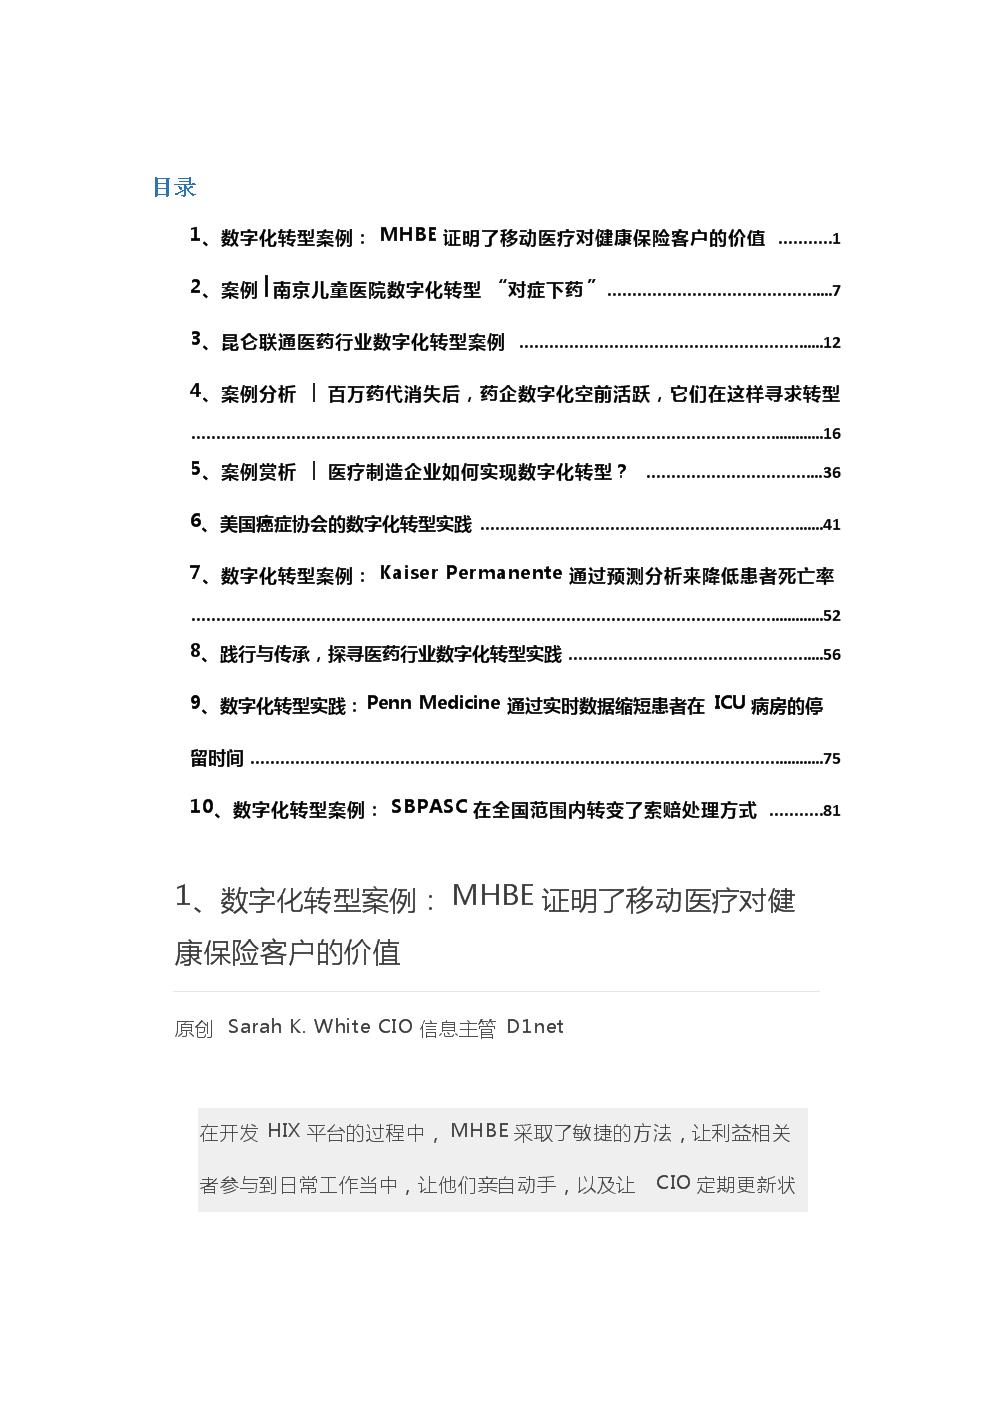 医疗医药行业数字化转型案例.docx